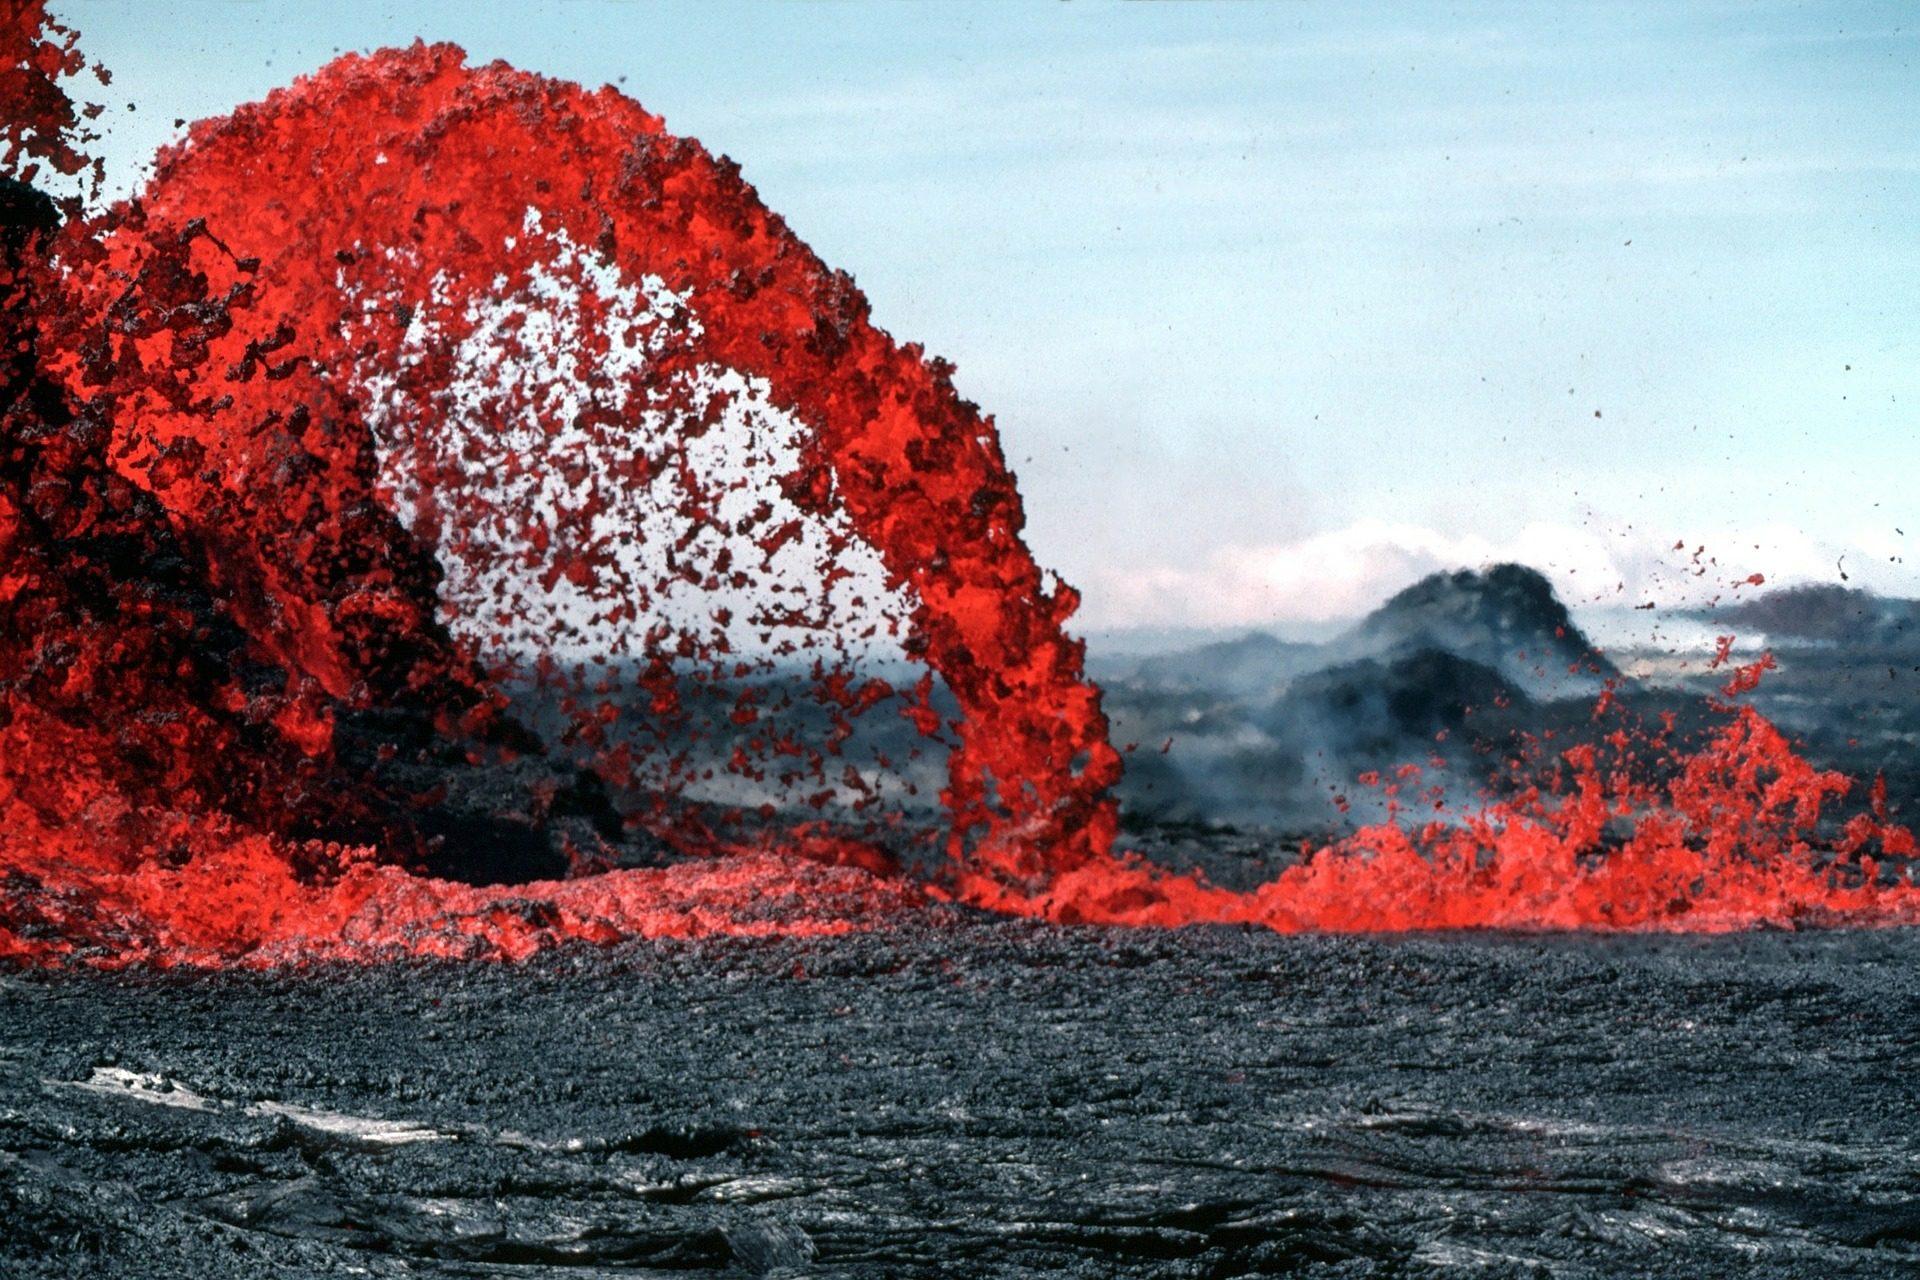 lava, magma, erupção, Vulcão, calor, perigo - Papéis de parede HD - Professor-falken.com